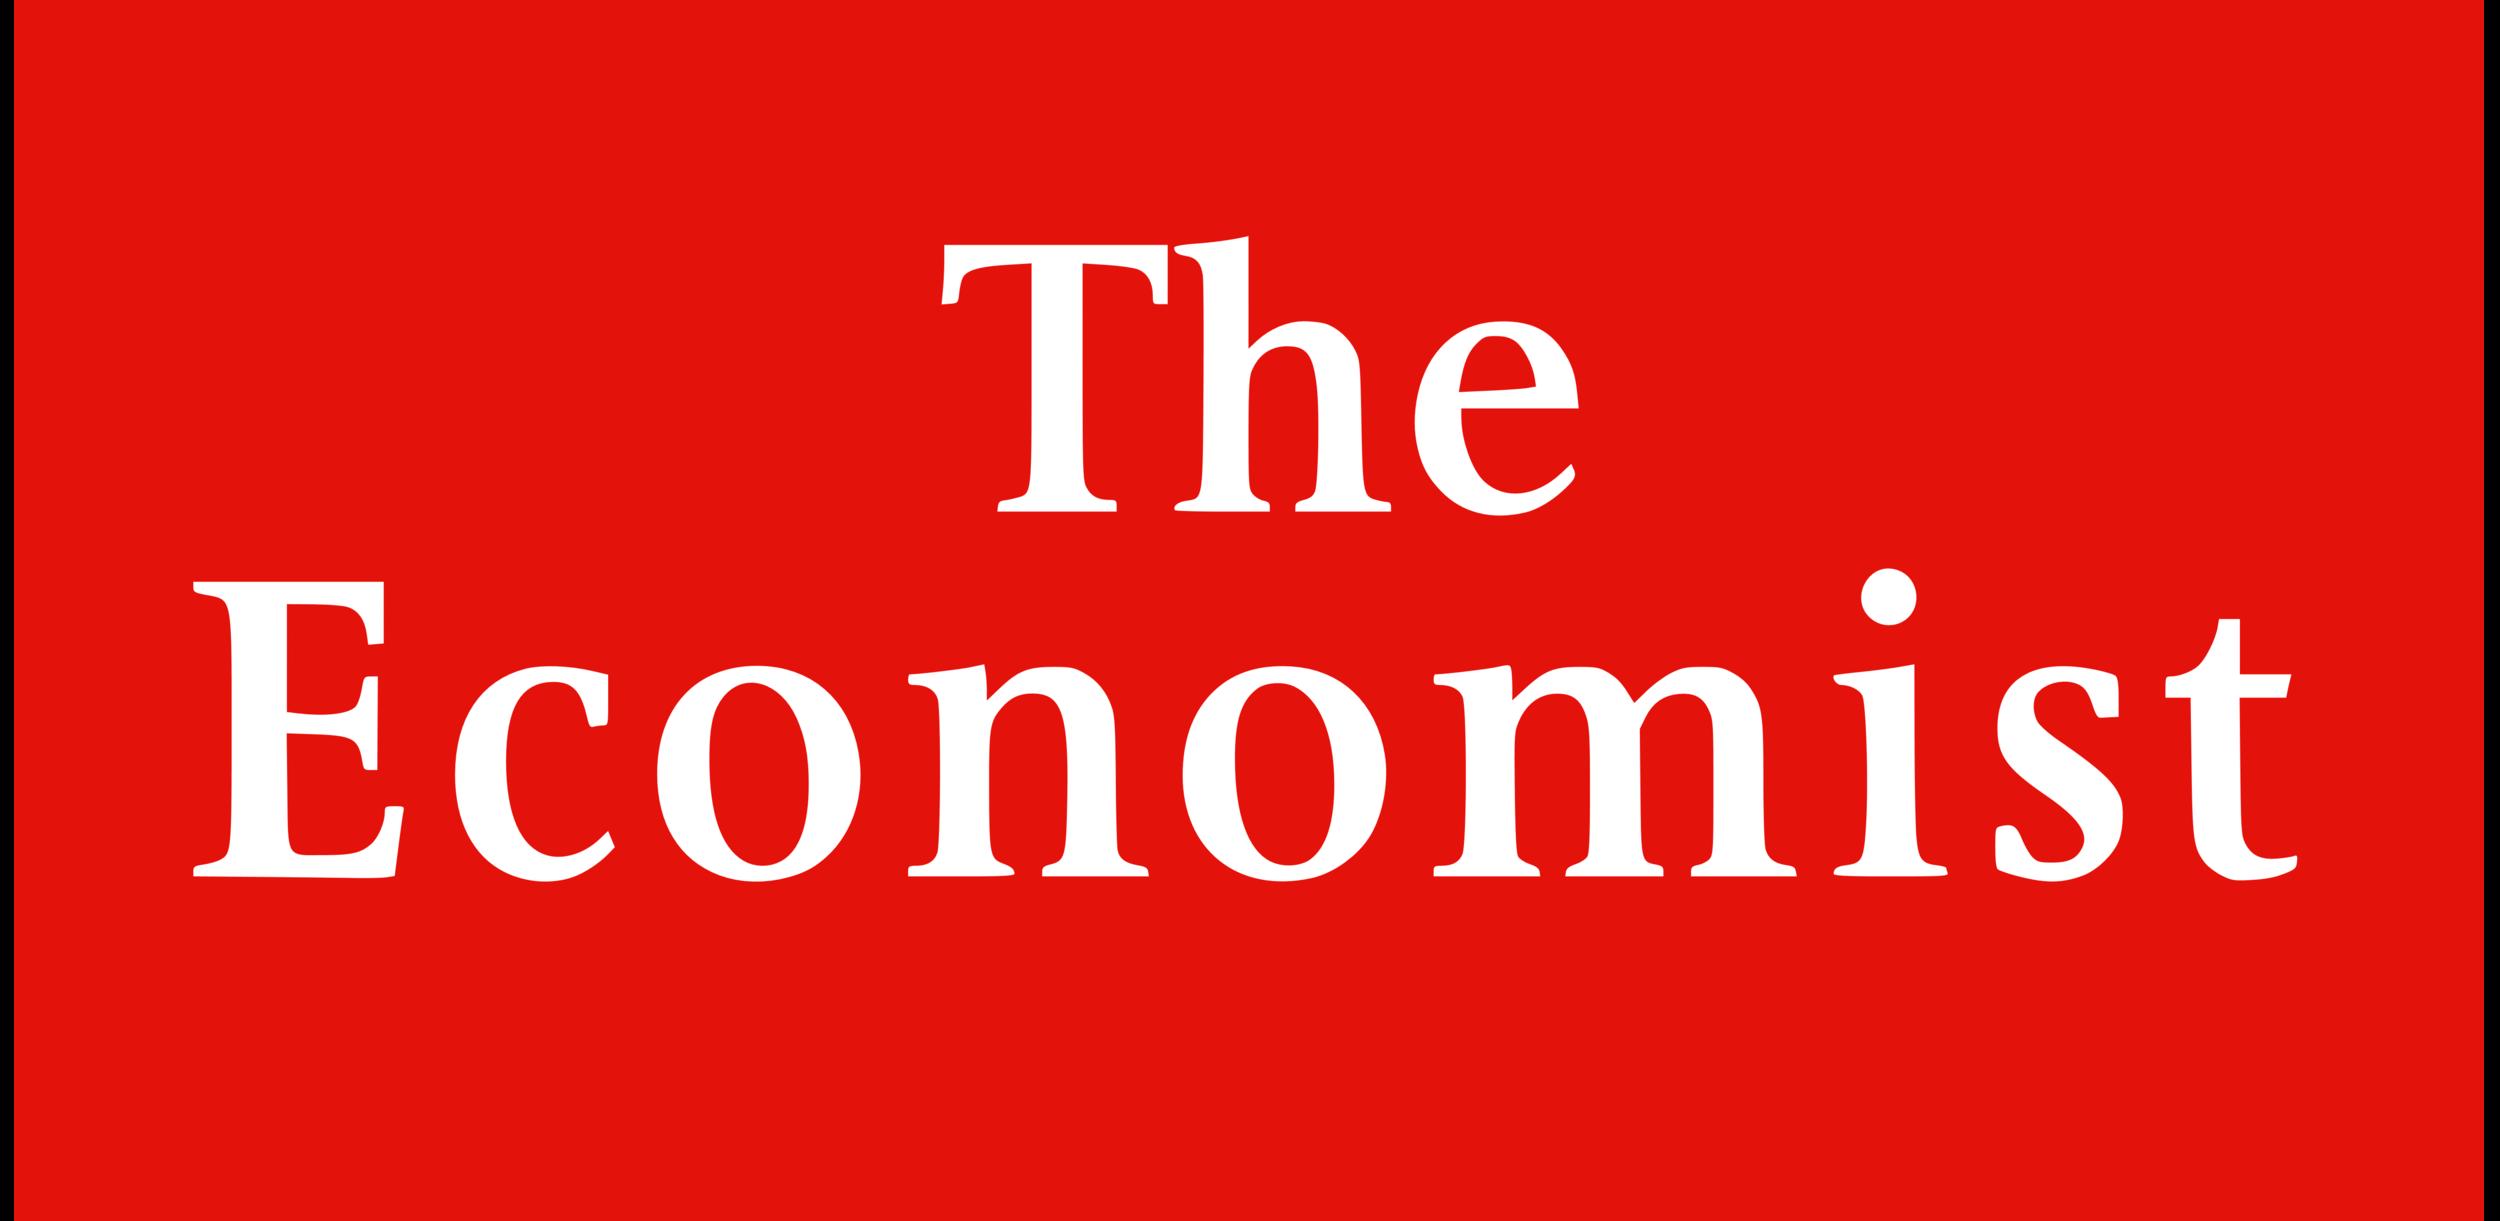 The_Economist_logo.png